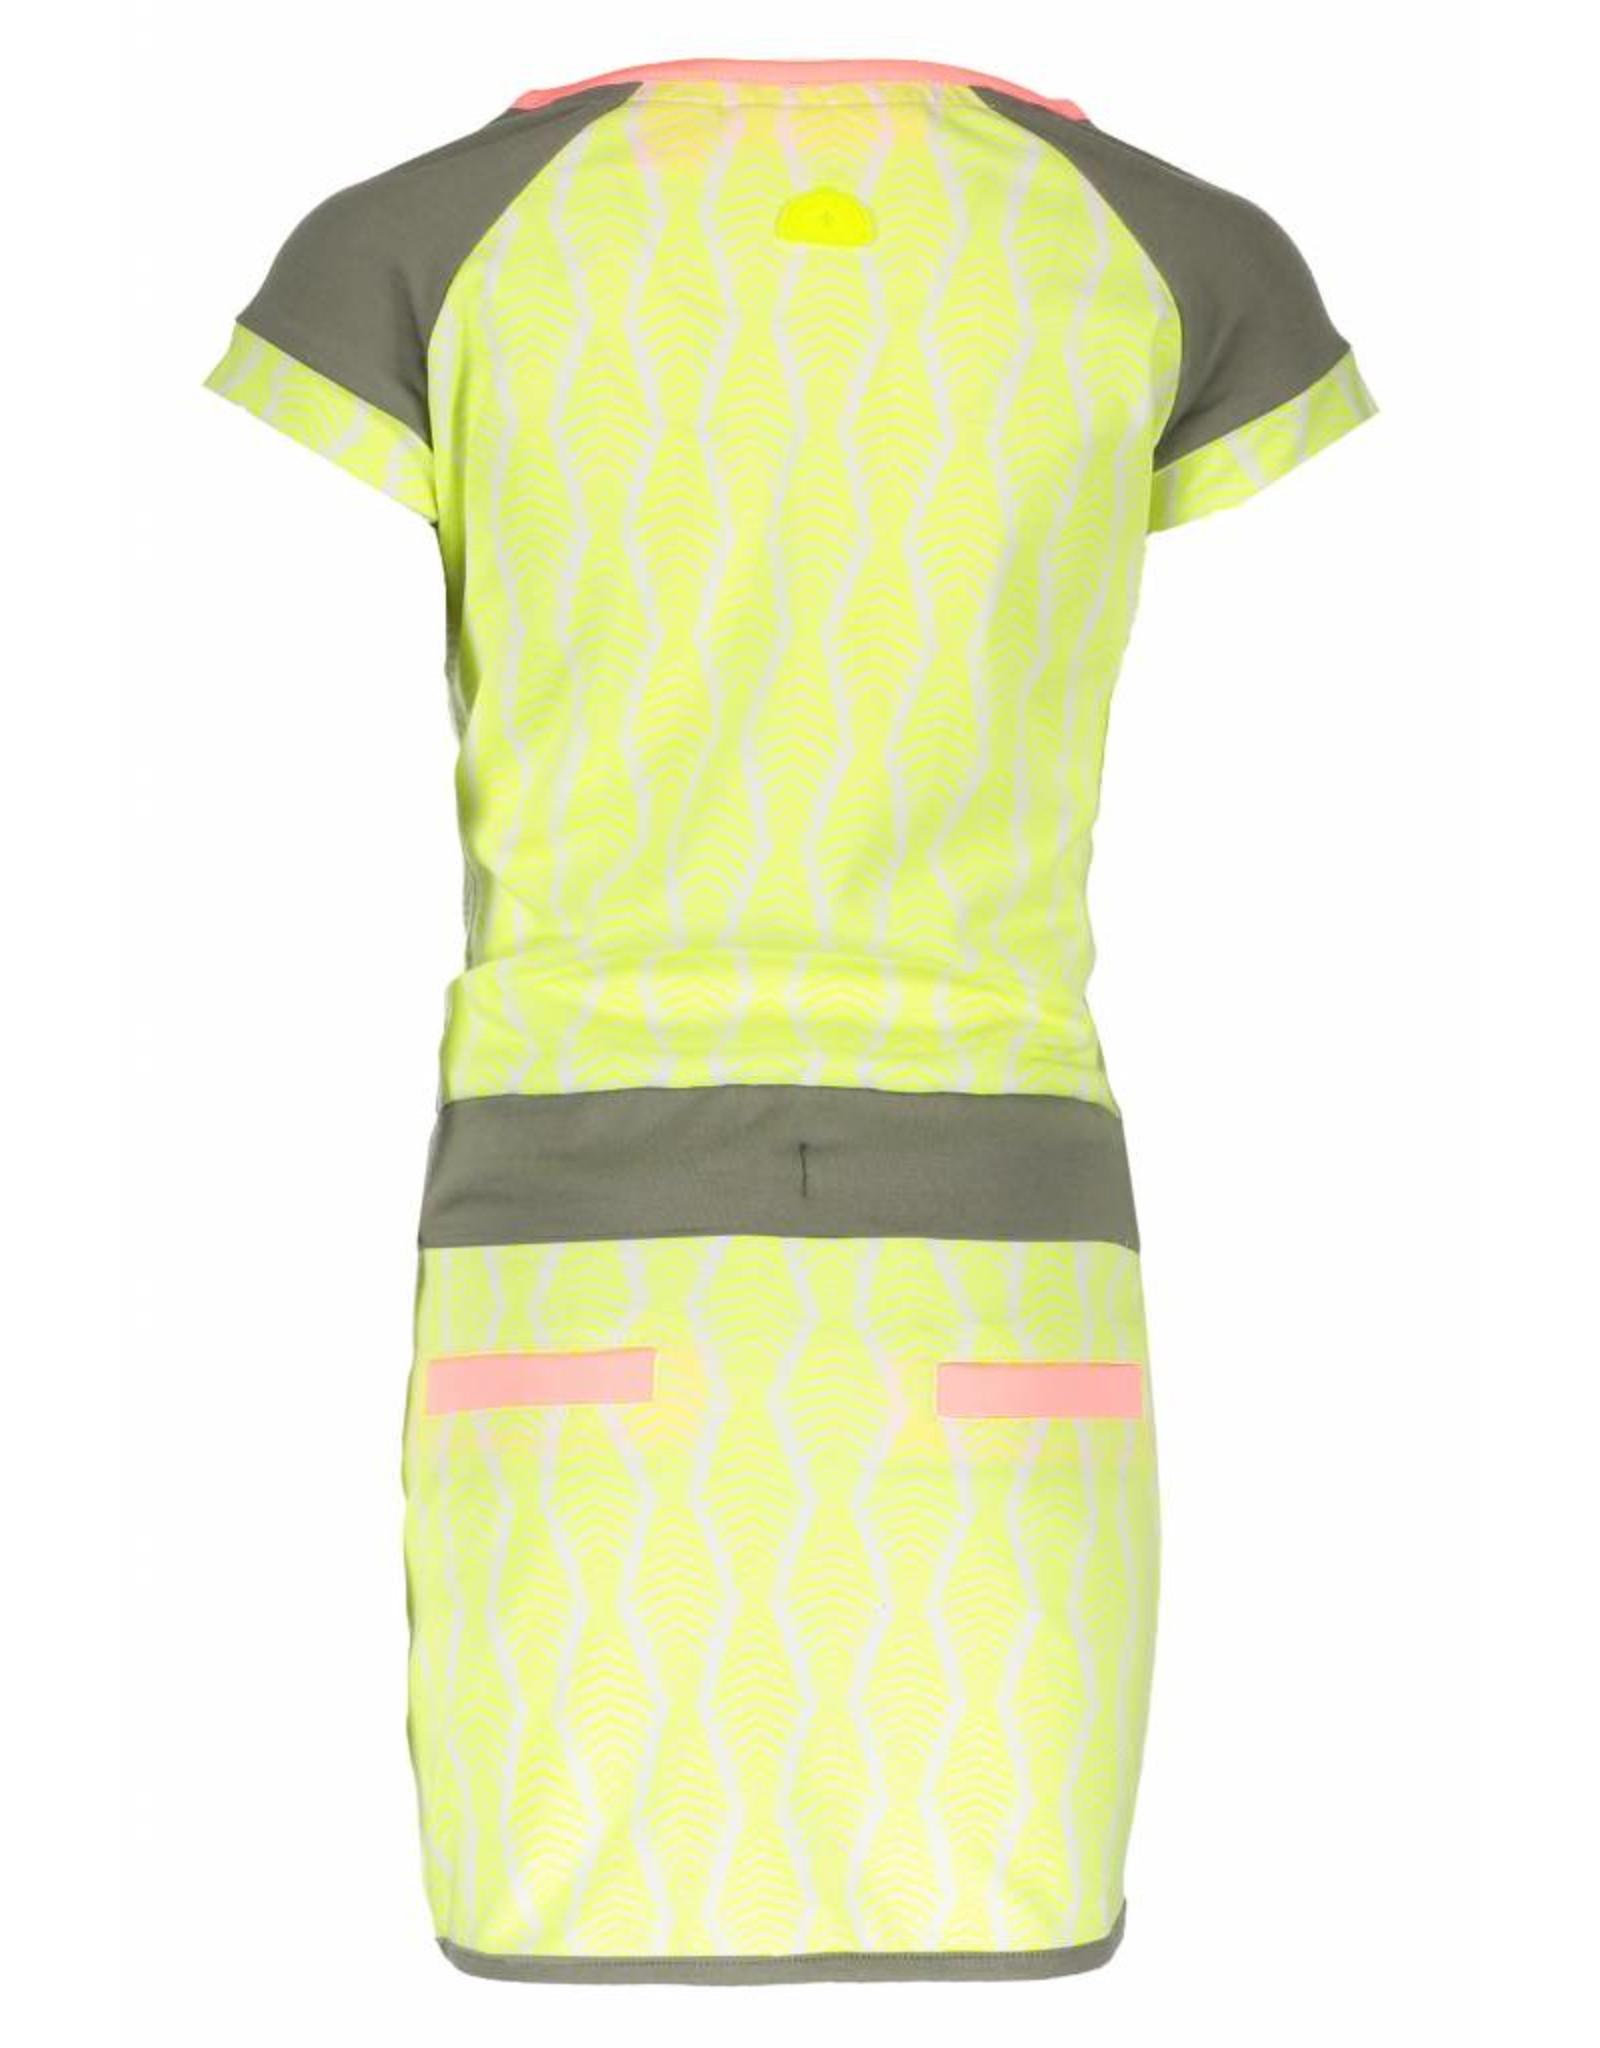 B.Nosy B.Nosy Girls Zebra Dress -White Zebra-Electric Yellow